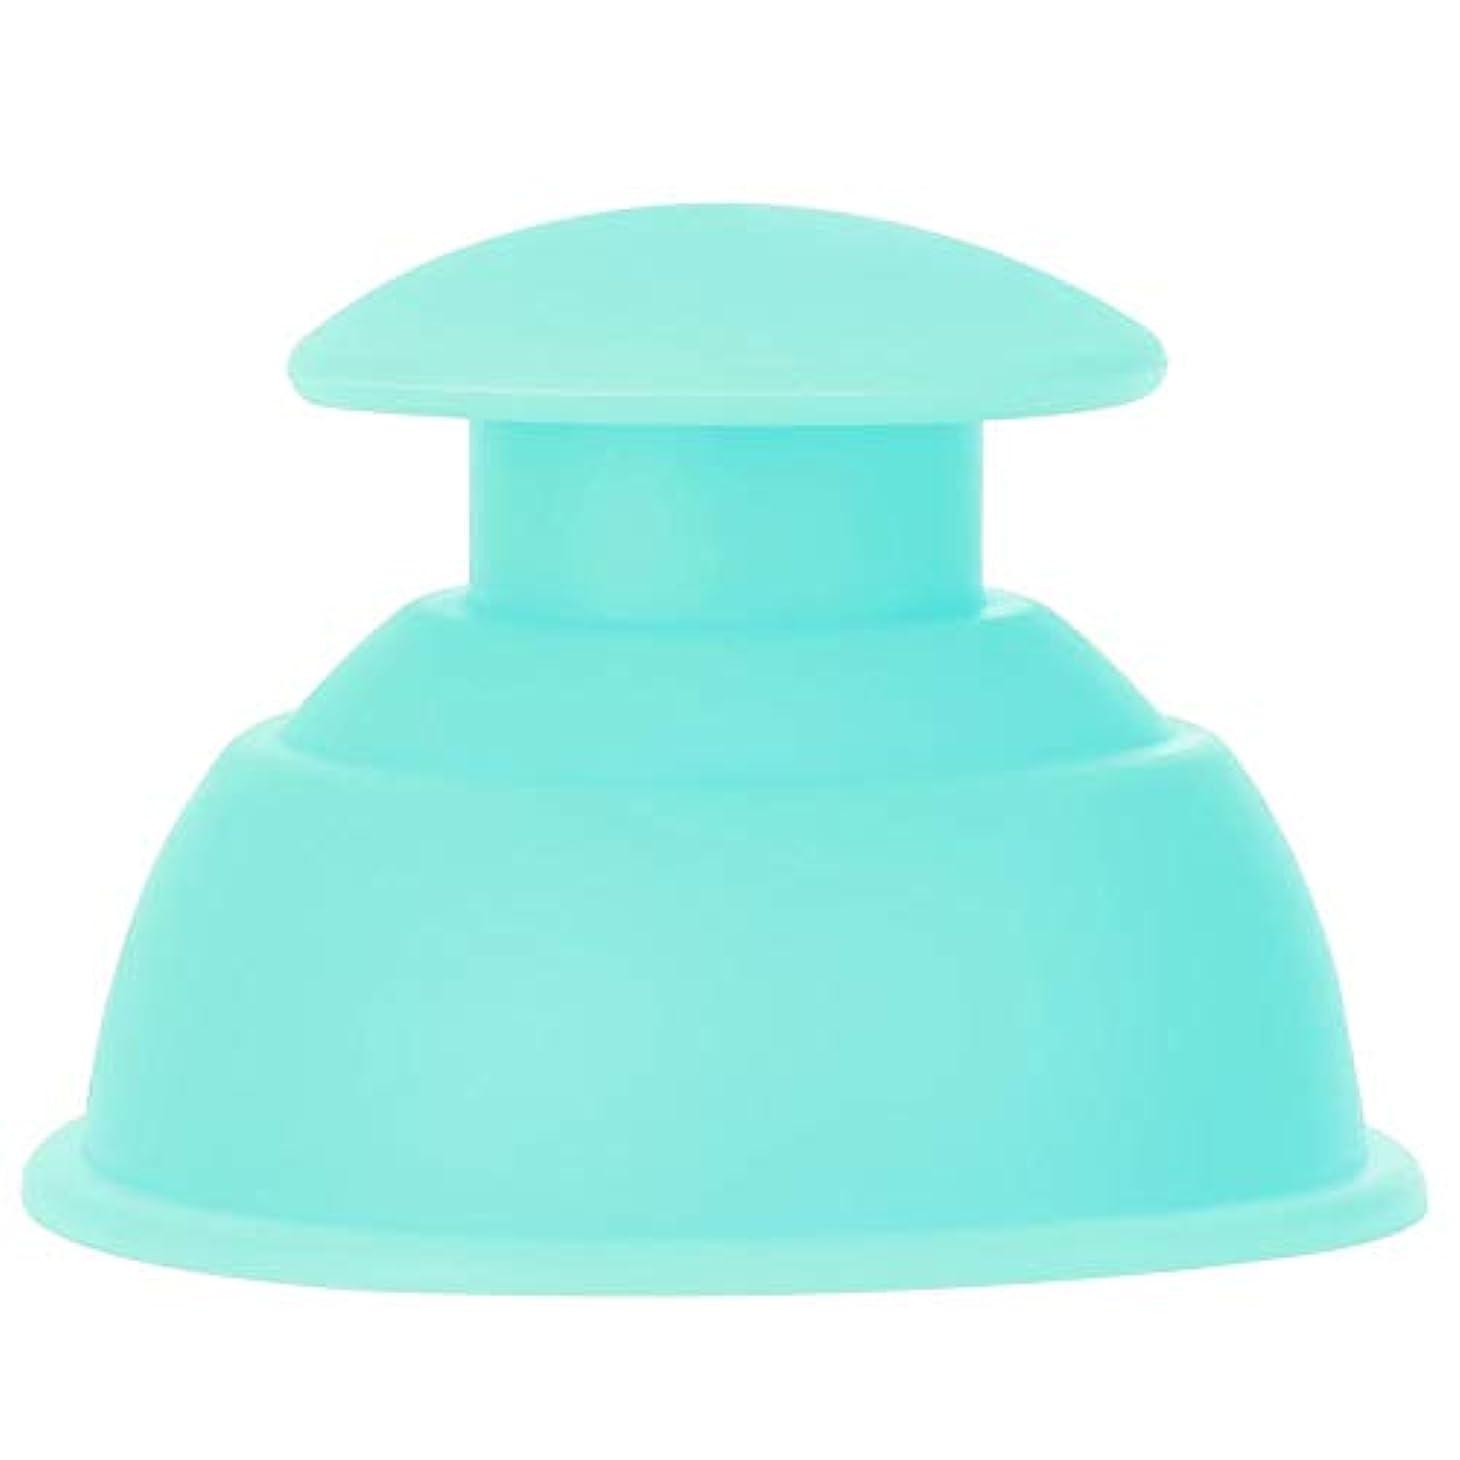 ラッドヤードキップリング公頼む7種類のカッピングカップマッサージセット、シリコーン水分吸収剤アンチセルライトバキュームによる 全身疲れの緩和(グリーン)